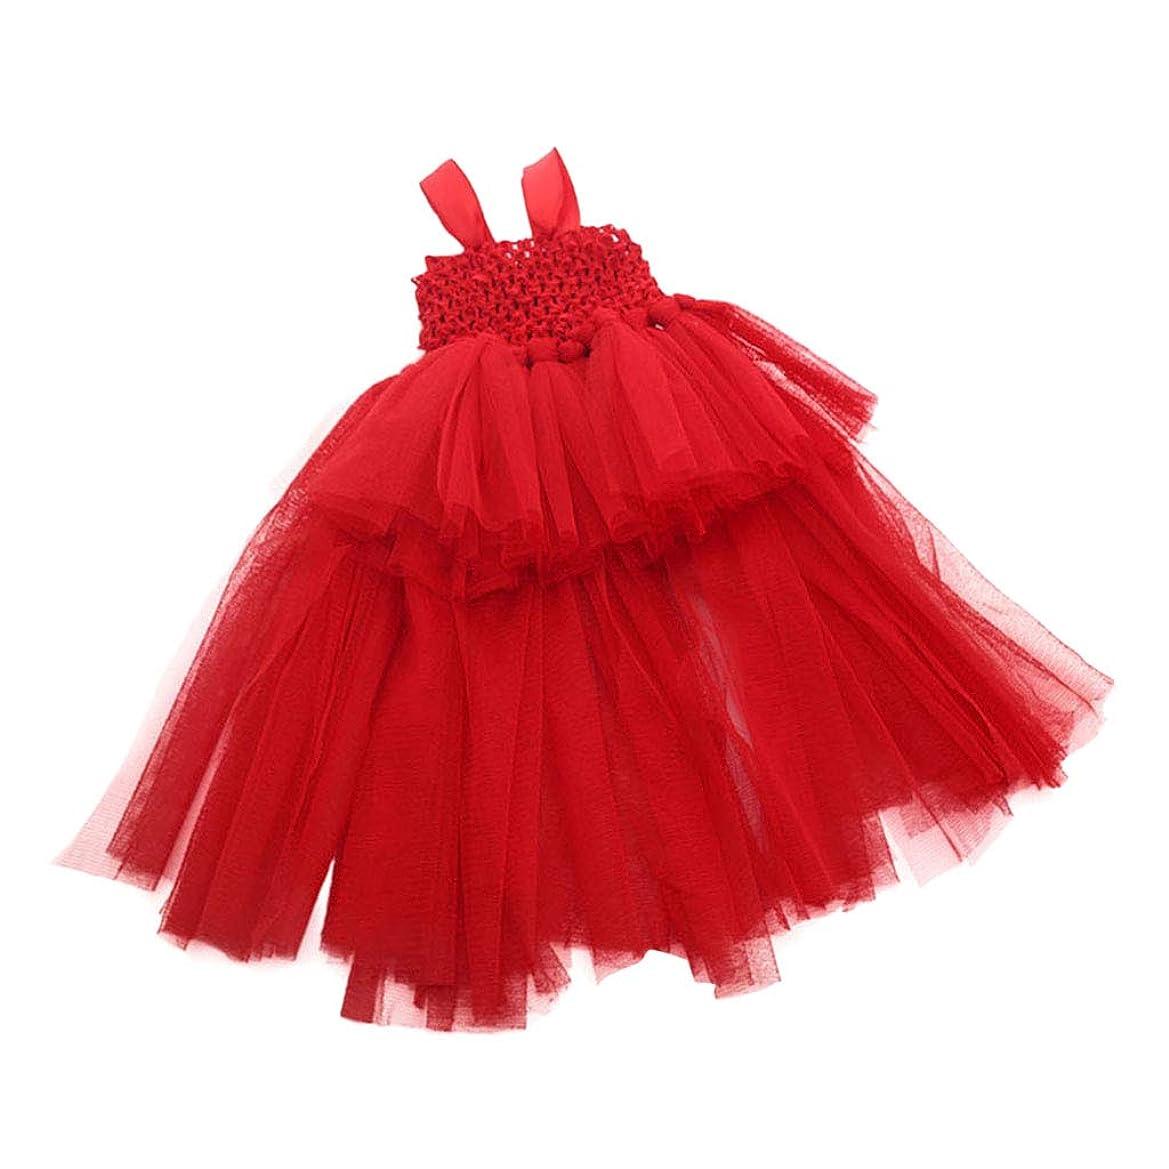 モットー疑い者事実コットン製 人形服 きせかえ ドレス ワンピース 18インチのドール用 バスト約30cm レッド